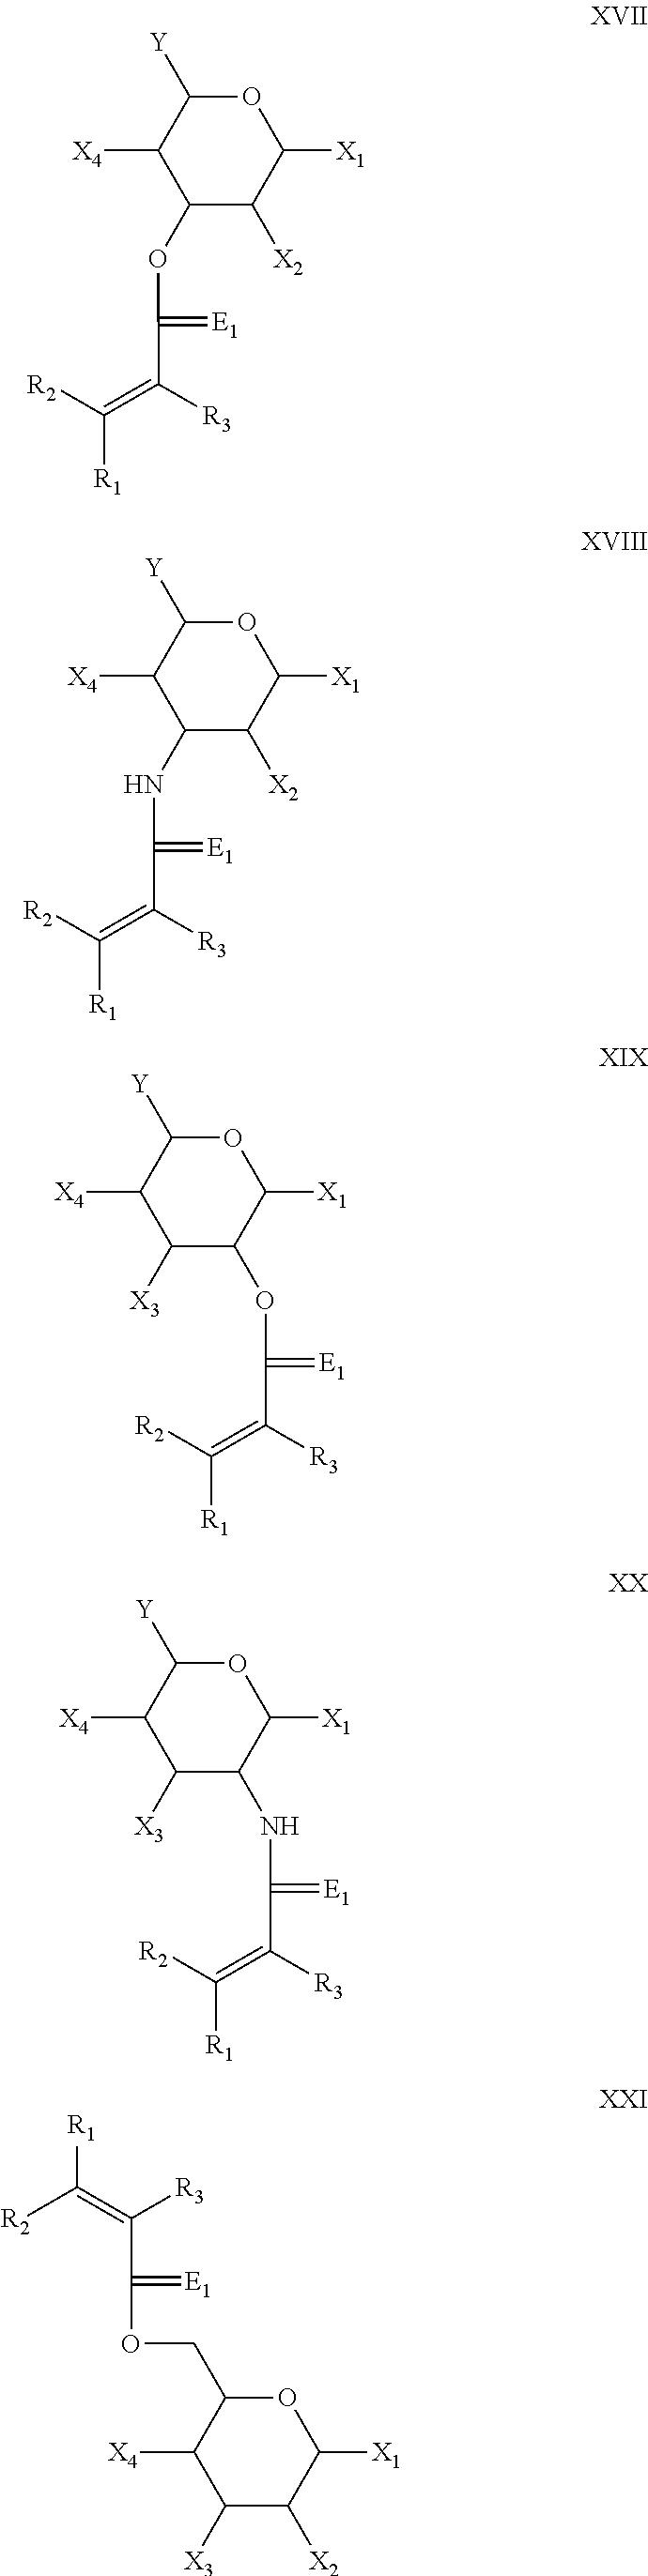 Figure US09872936-20180123-C00003